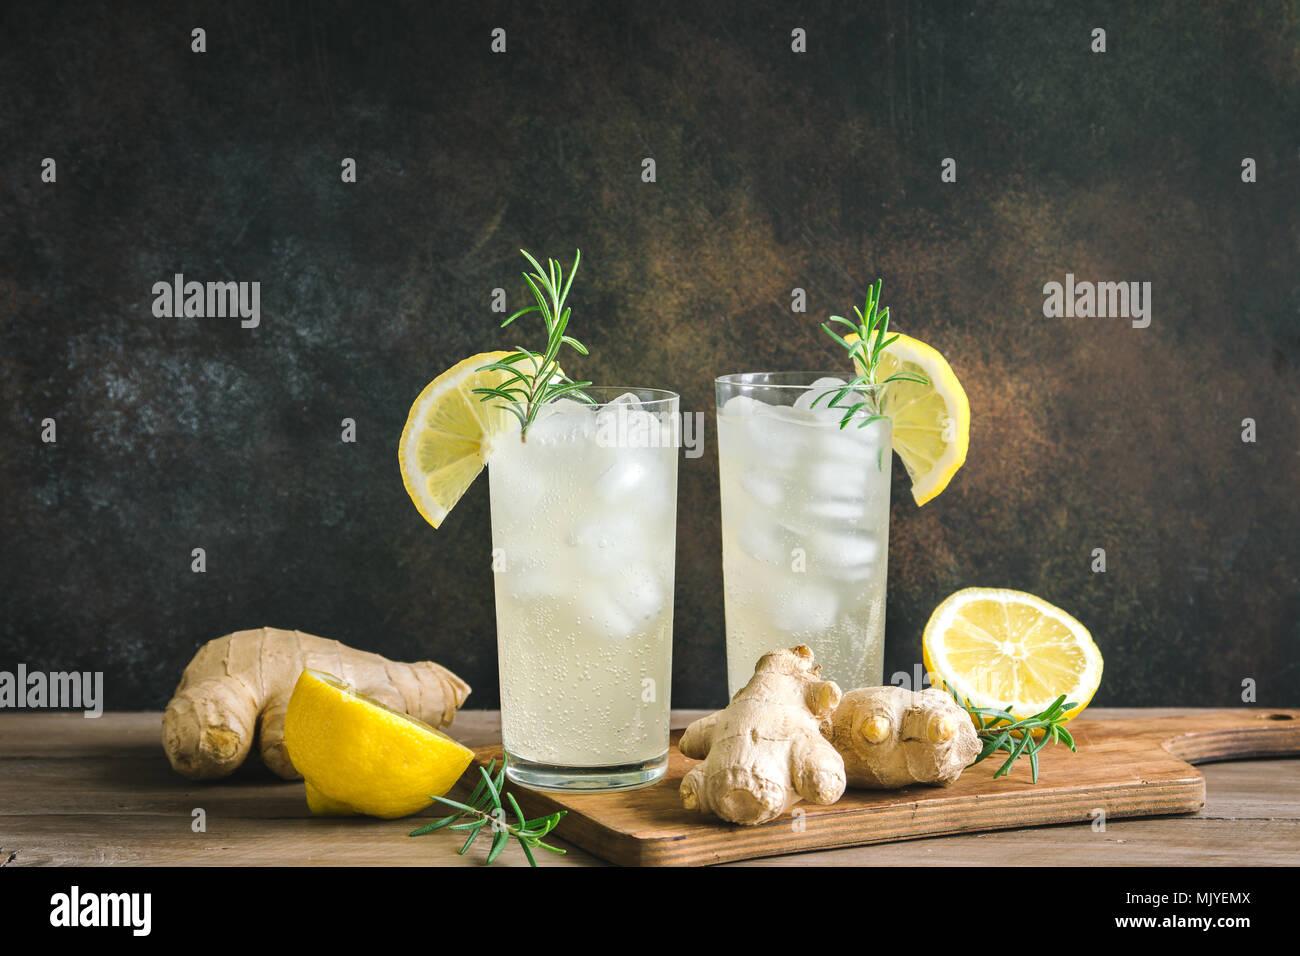 Ginger Ale - Hausgemachte Zitrone und Ingwer bio Limonade trinken, kopieren. Stockbild